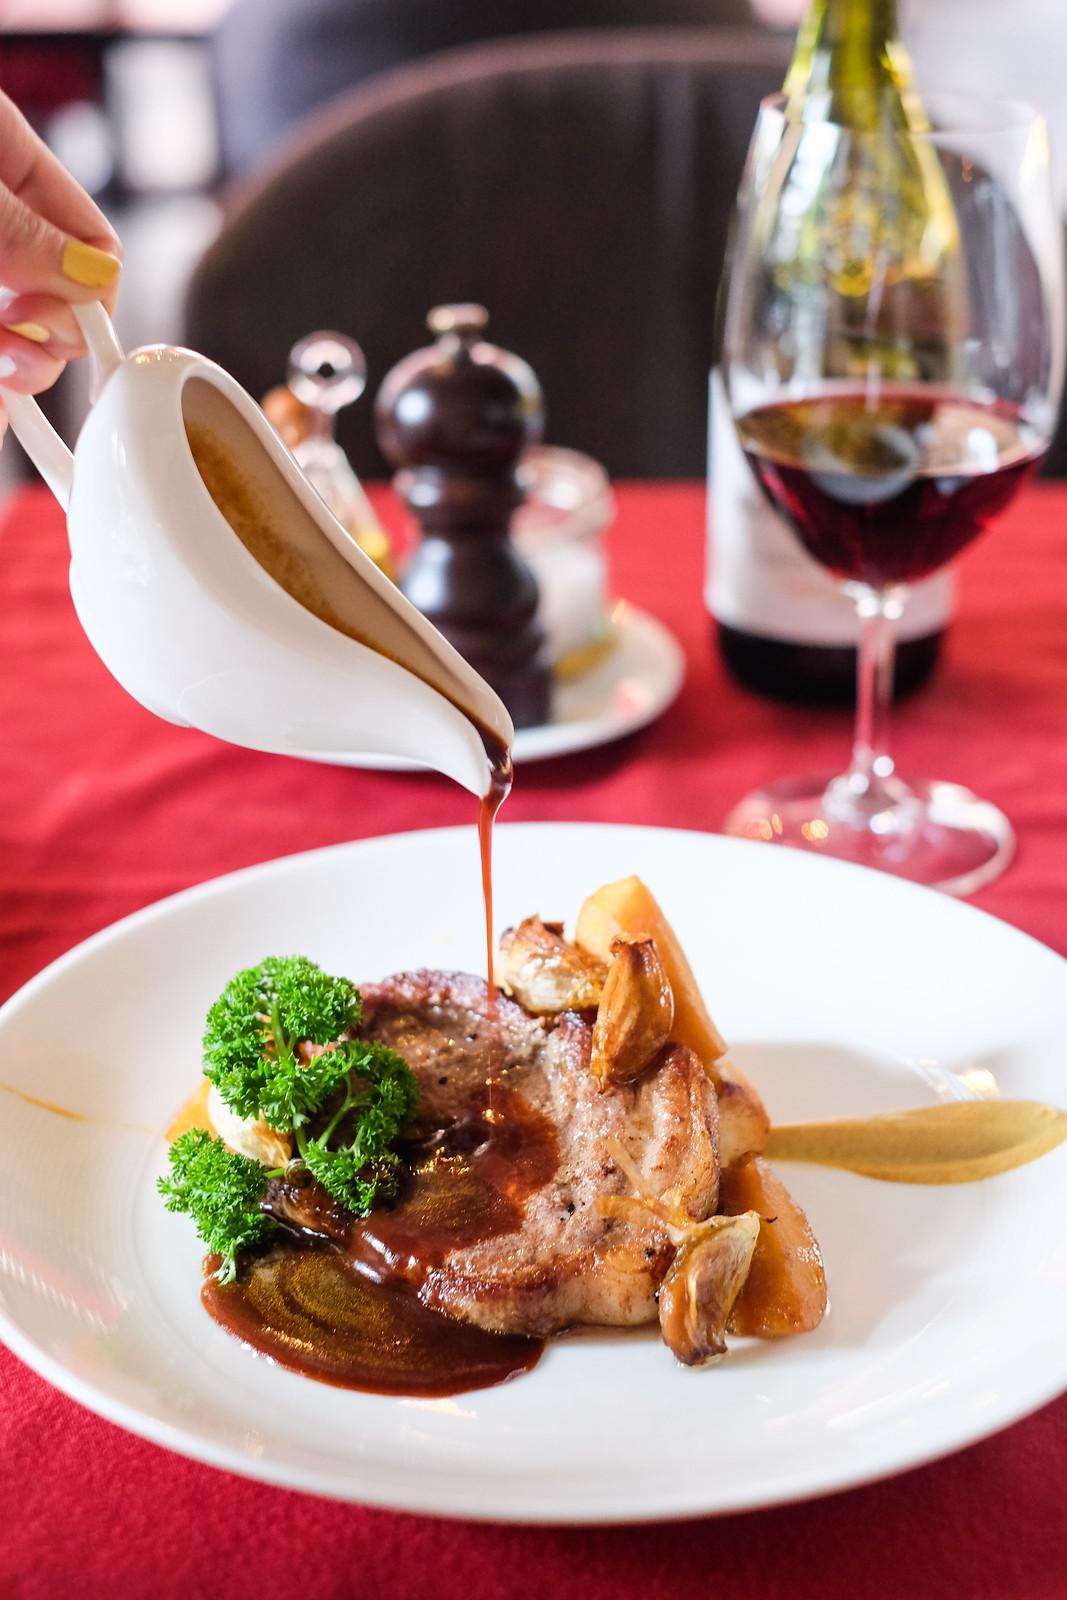 Wine Universe's Grilled Pork Steak